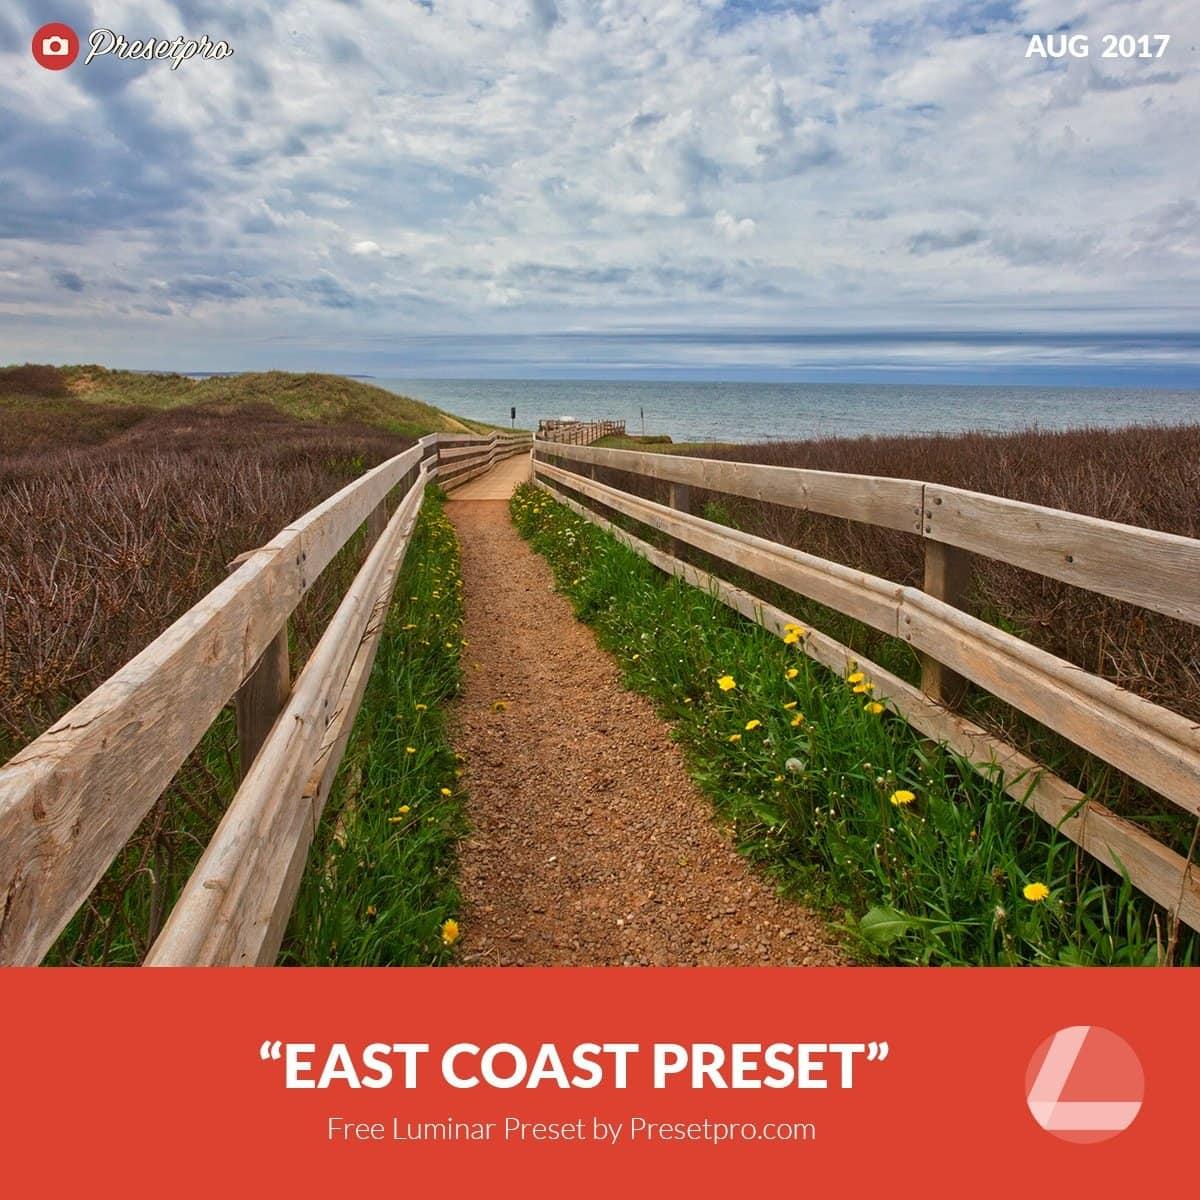 Free-Luminar-Preset-East-Coast-Presetpro.com